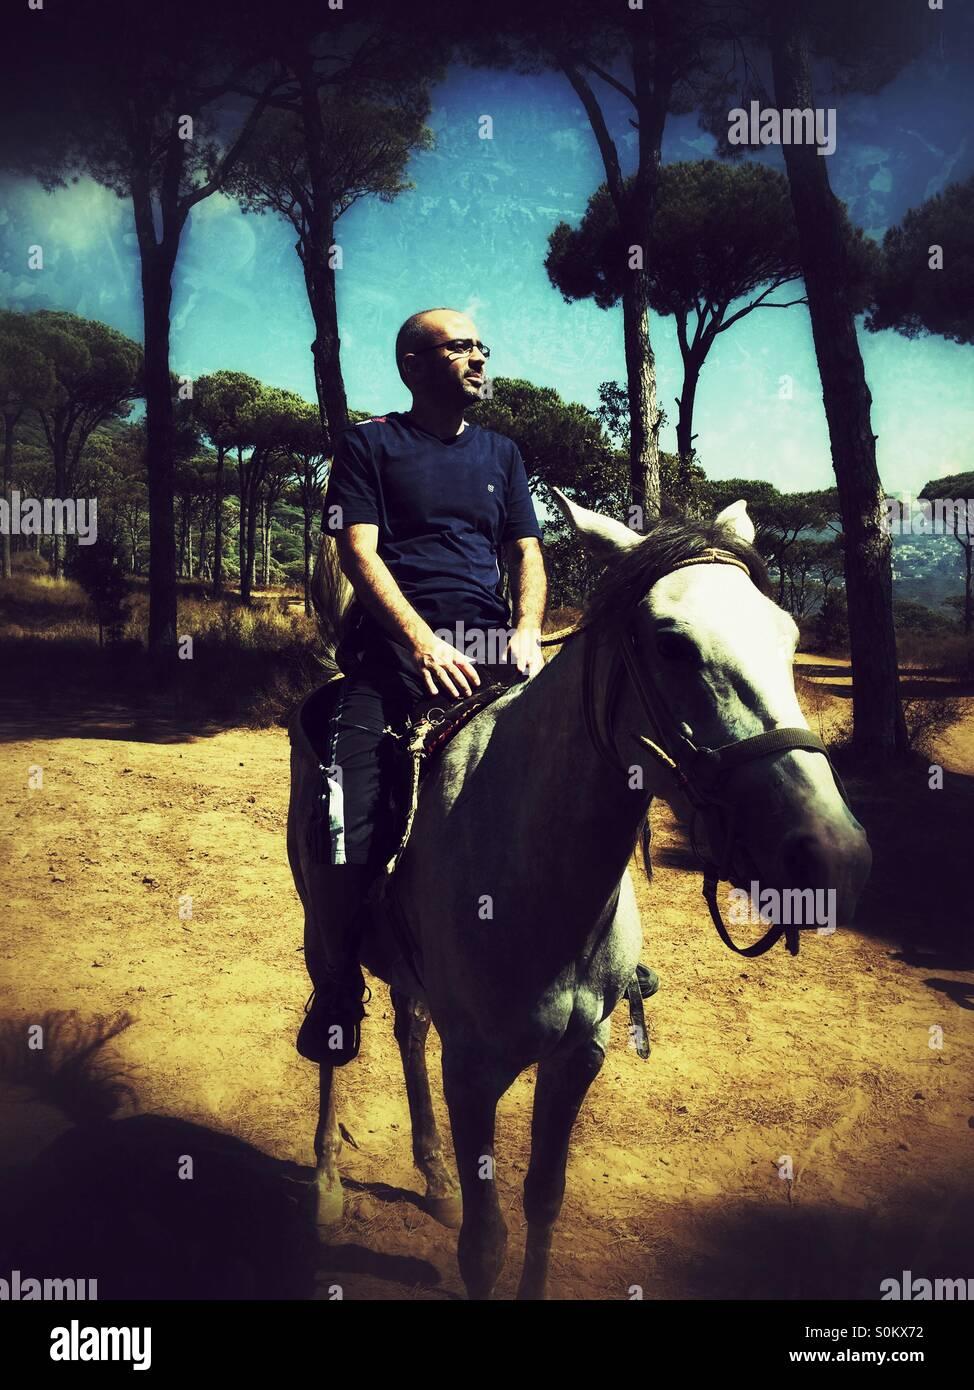 L'âge moyen homme monté sur un cheval dans la forêt Photo Stock